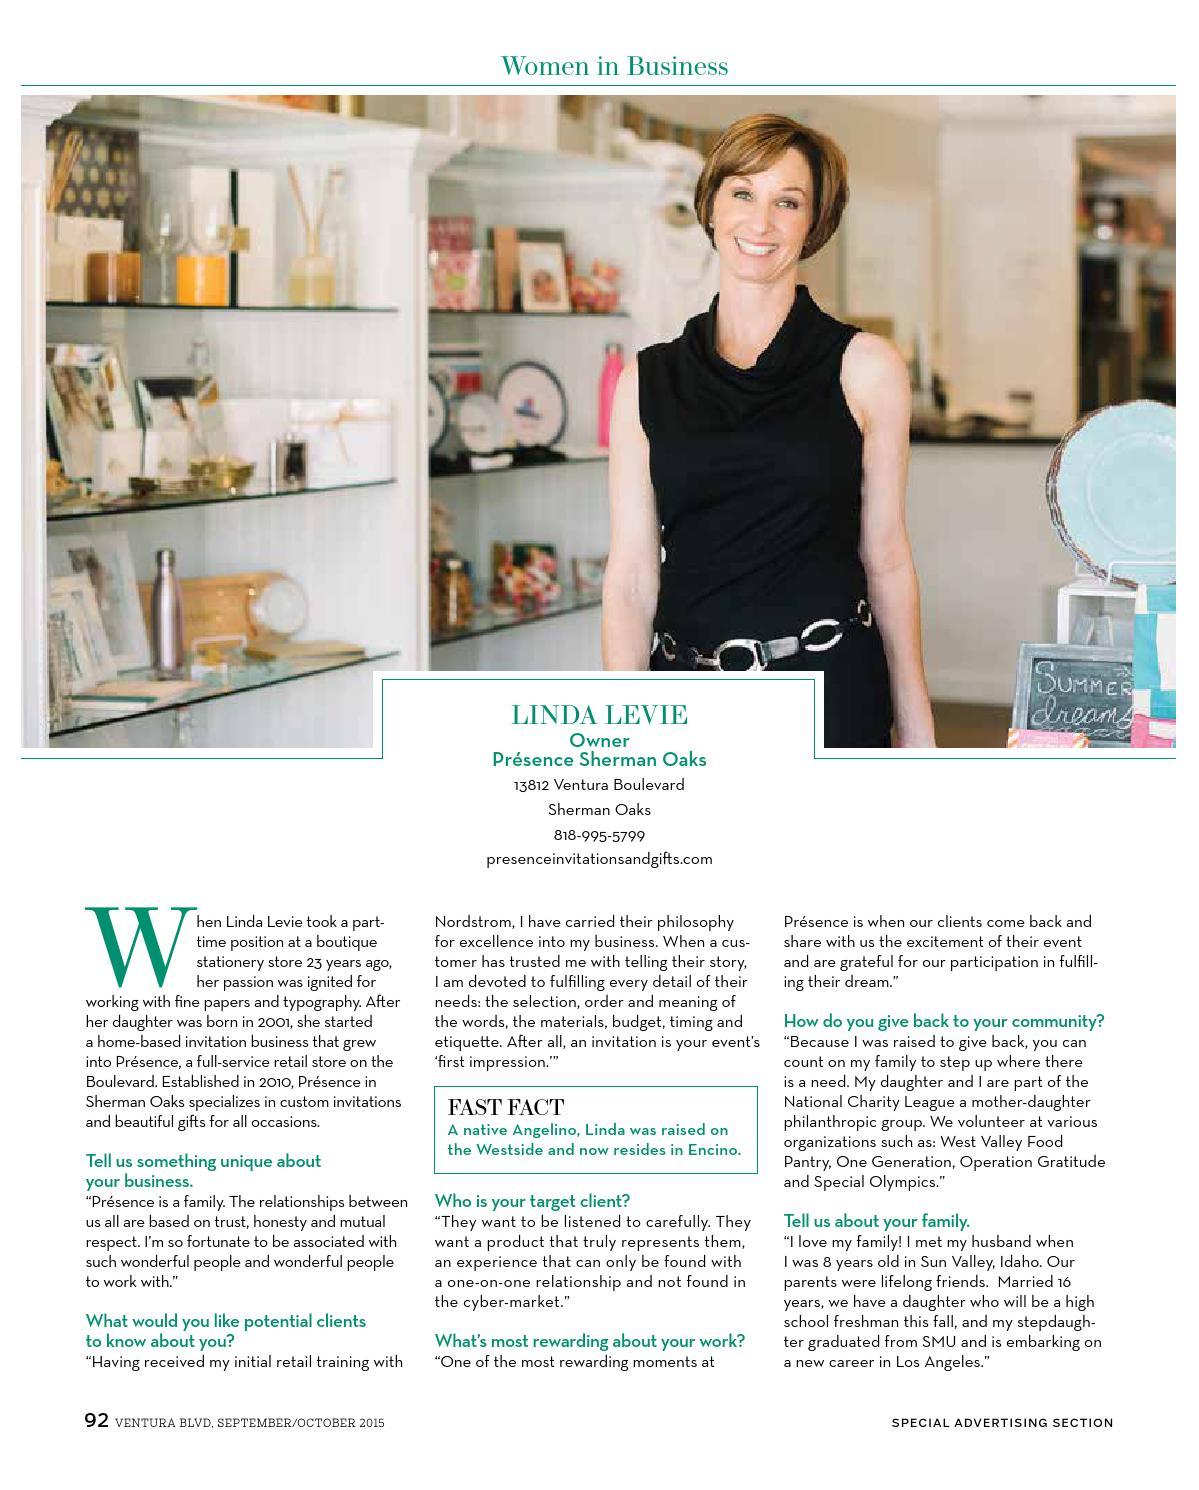 Ventura Blvd Magazine - September/October 2015 by Moon Tide